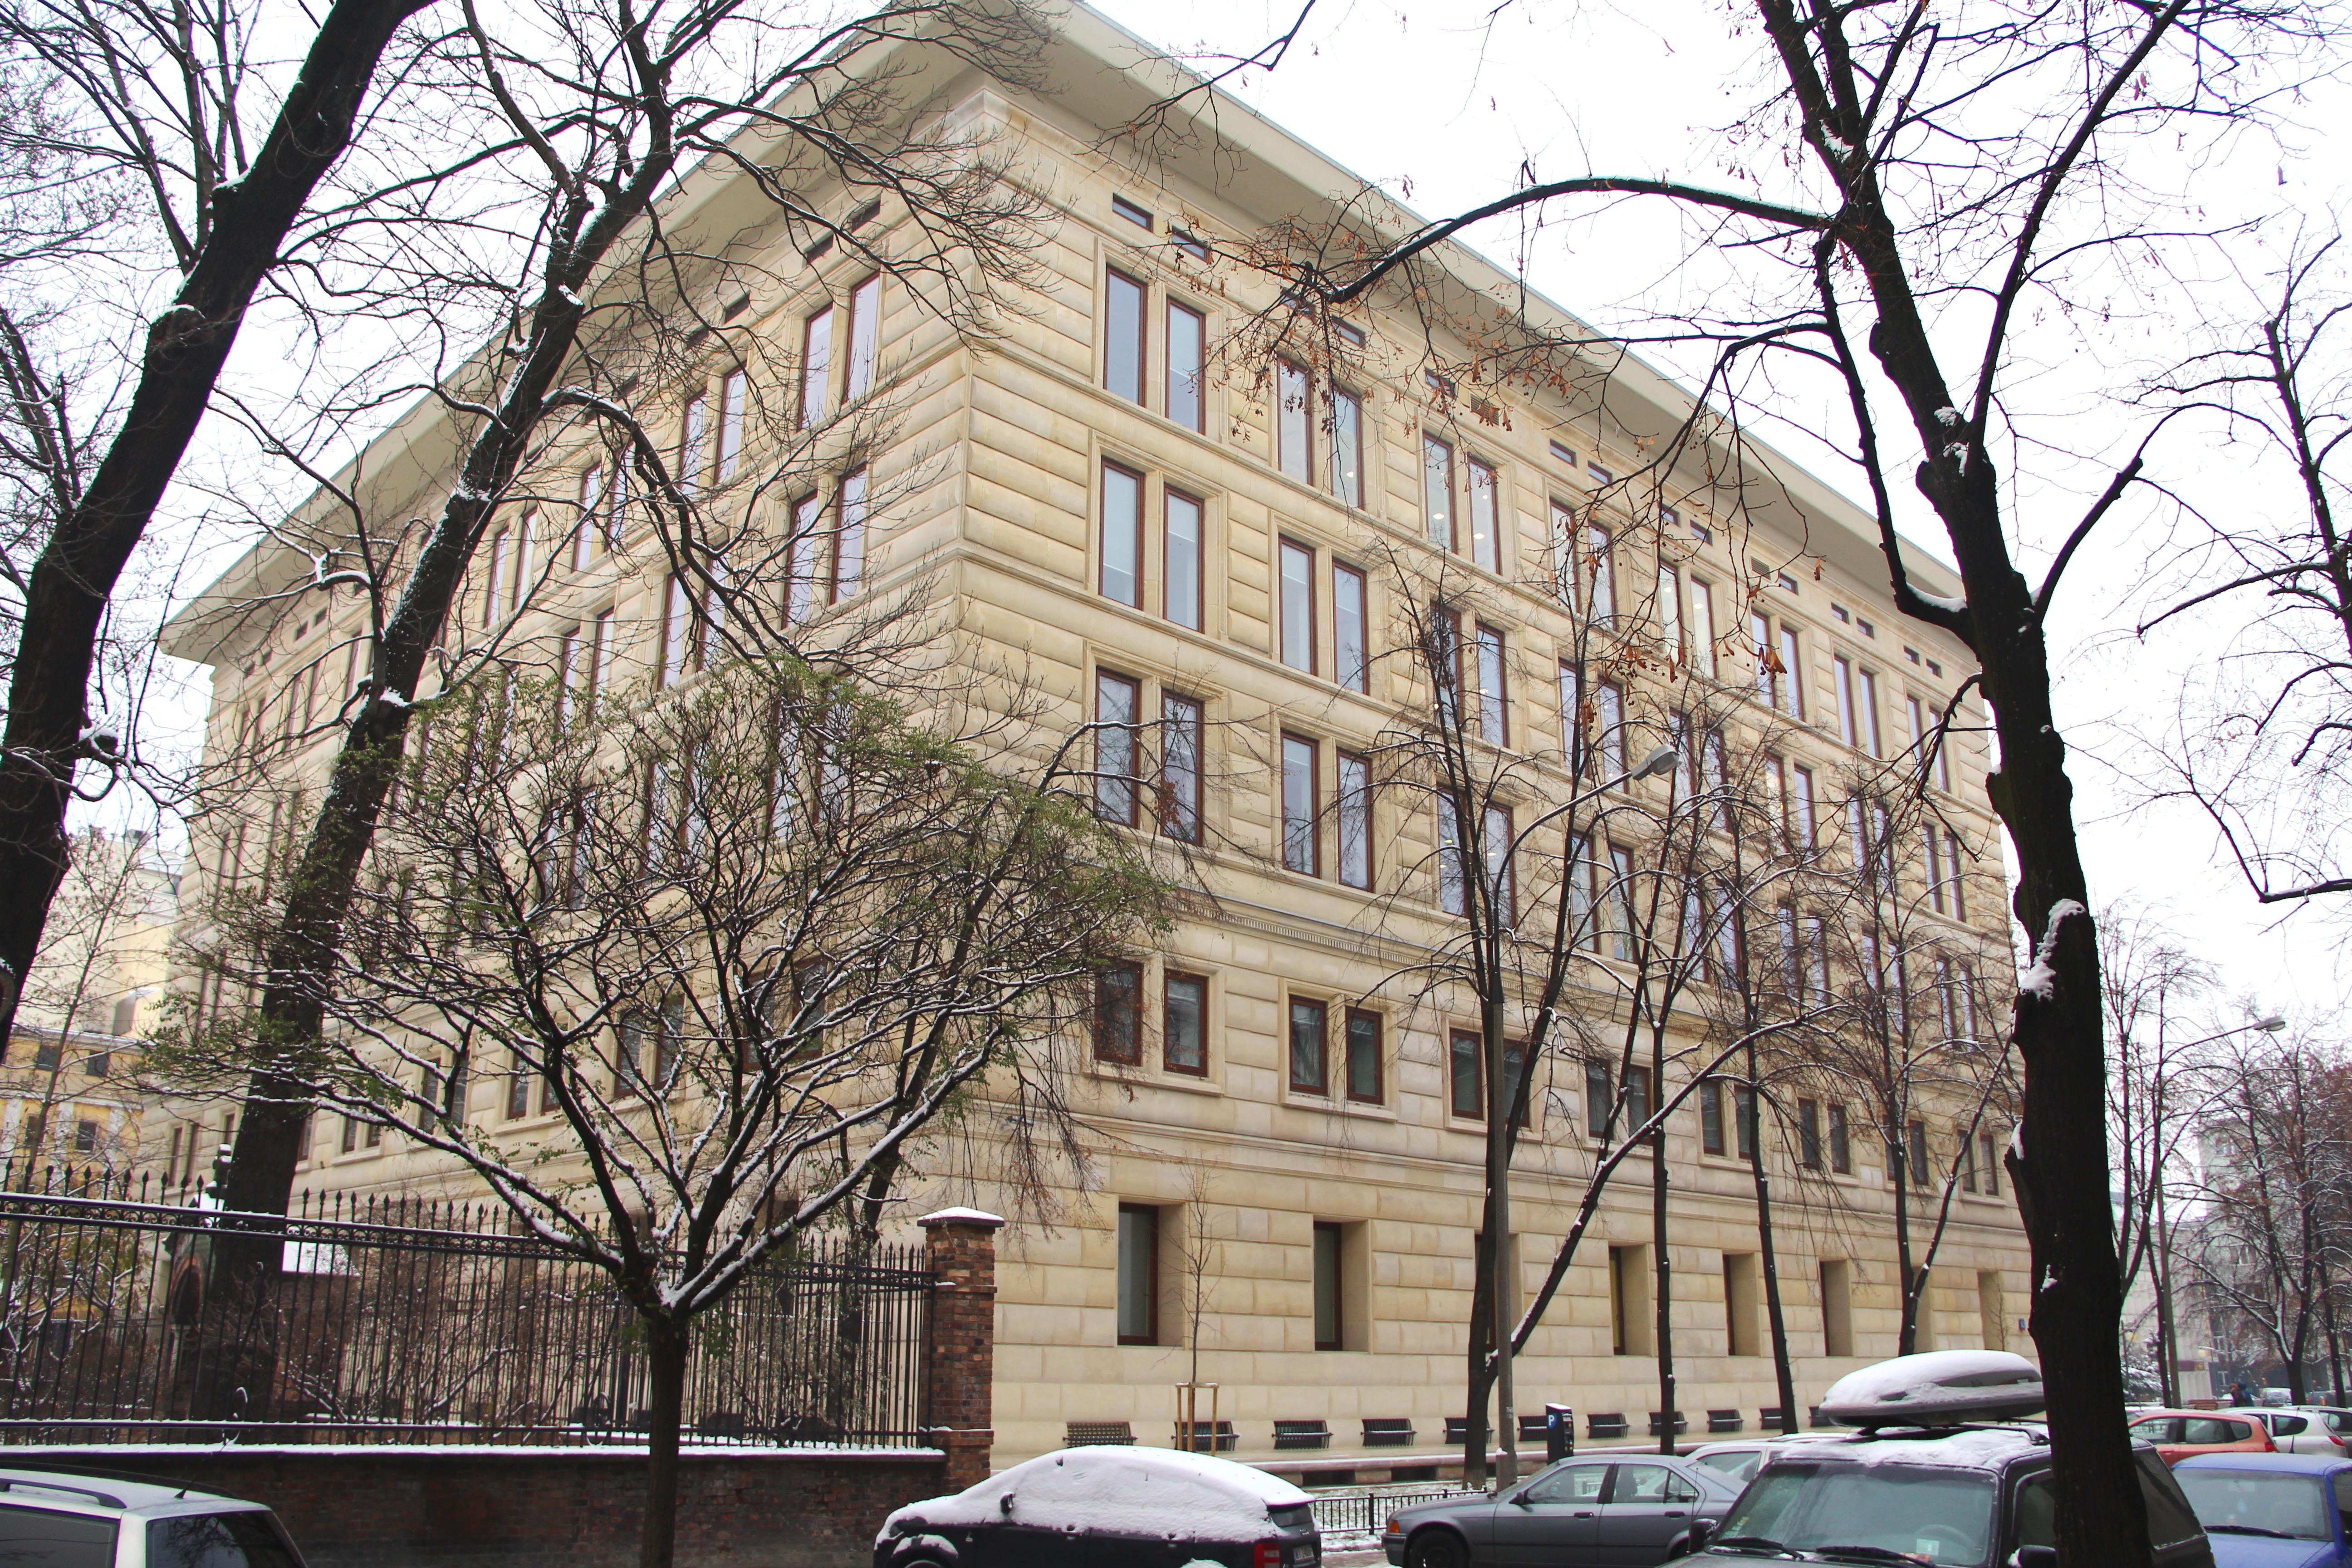 Ufficio Primo : File:ufficio primo img 0873.jpg wikimedia commons